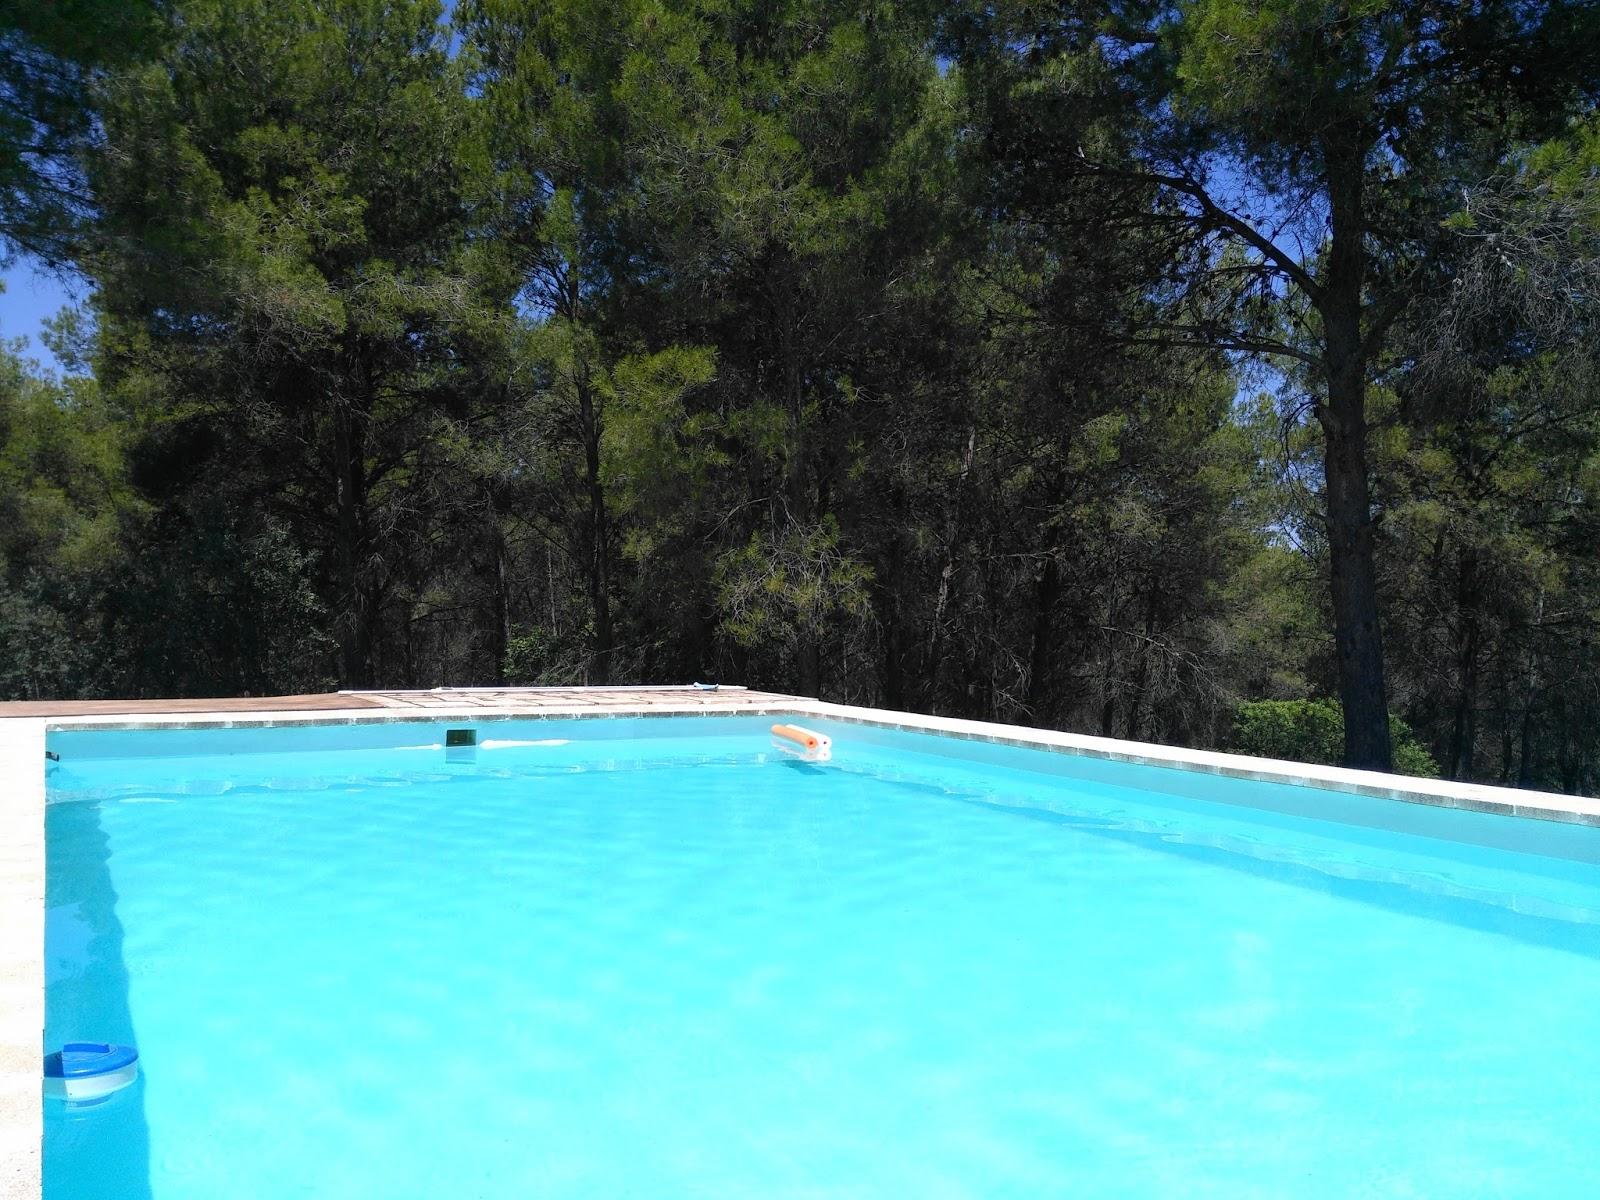 Diario de una gorda con gafas piscina y hambre for Gafas para piscina